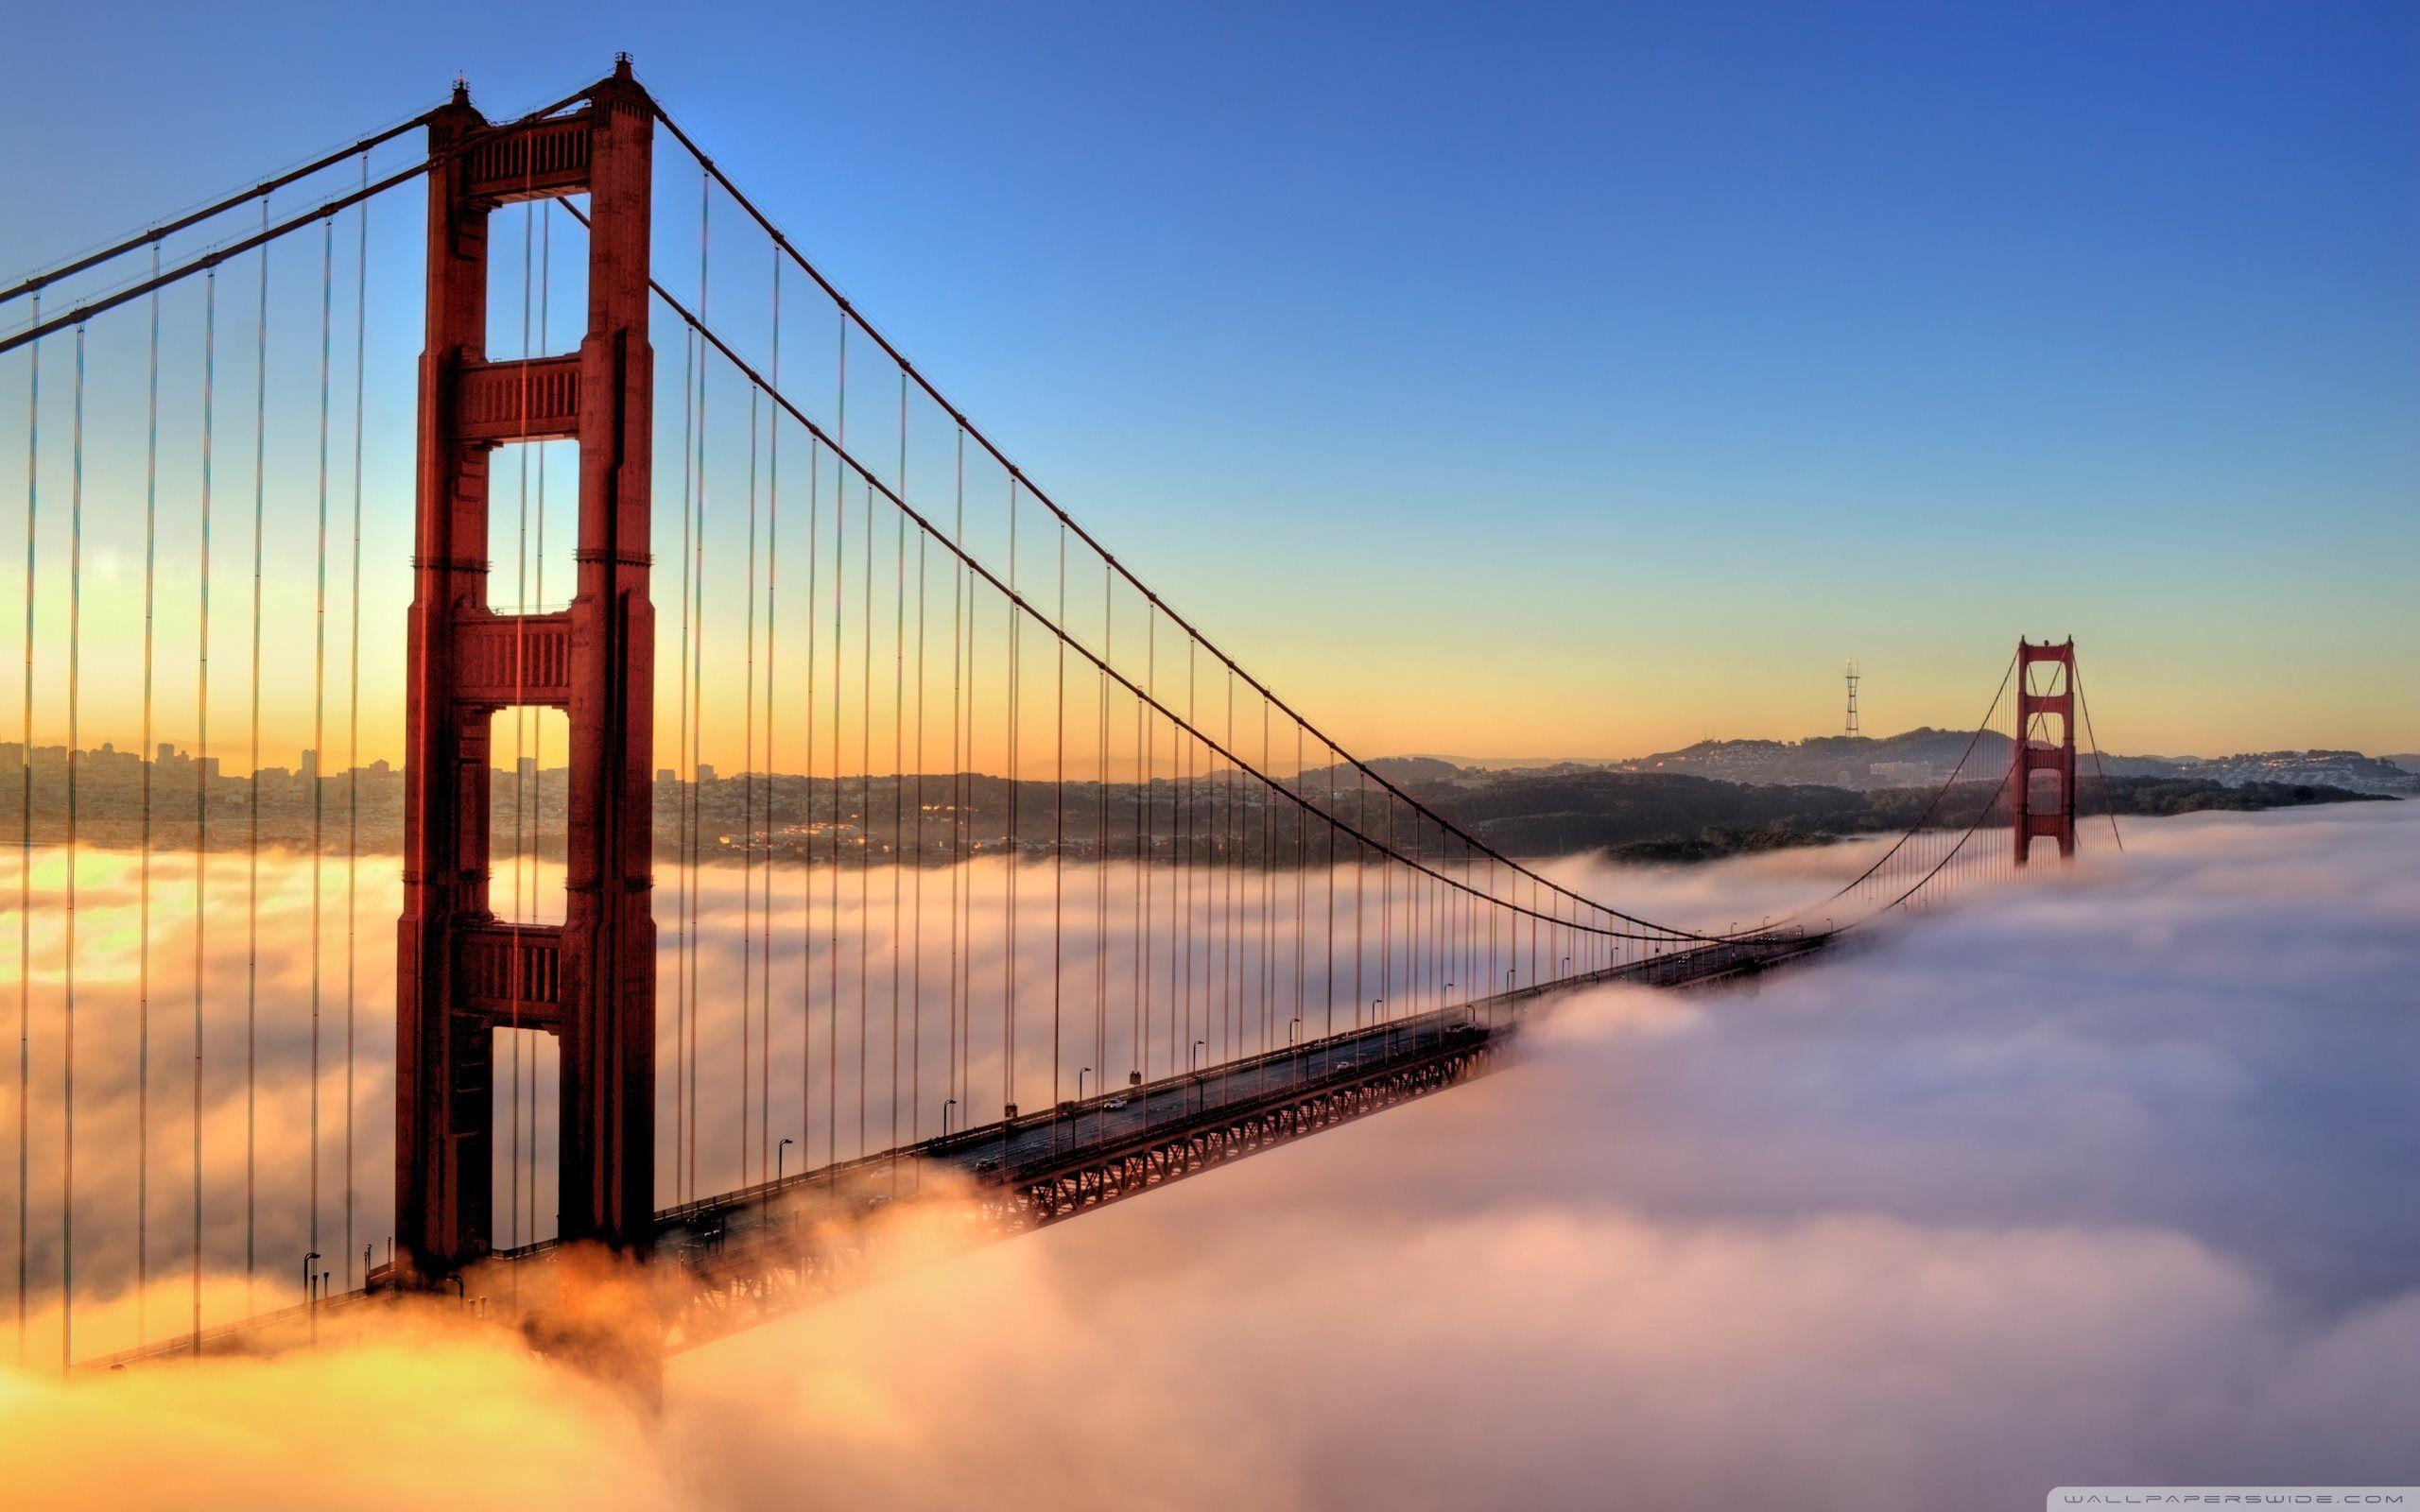 Golden Gate Bridge Wallpaper For Iphone In 2020 Golden Gate Bridge Wallpaper Golden Gate Bridge Bridge Wallpaper